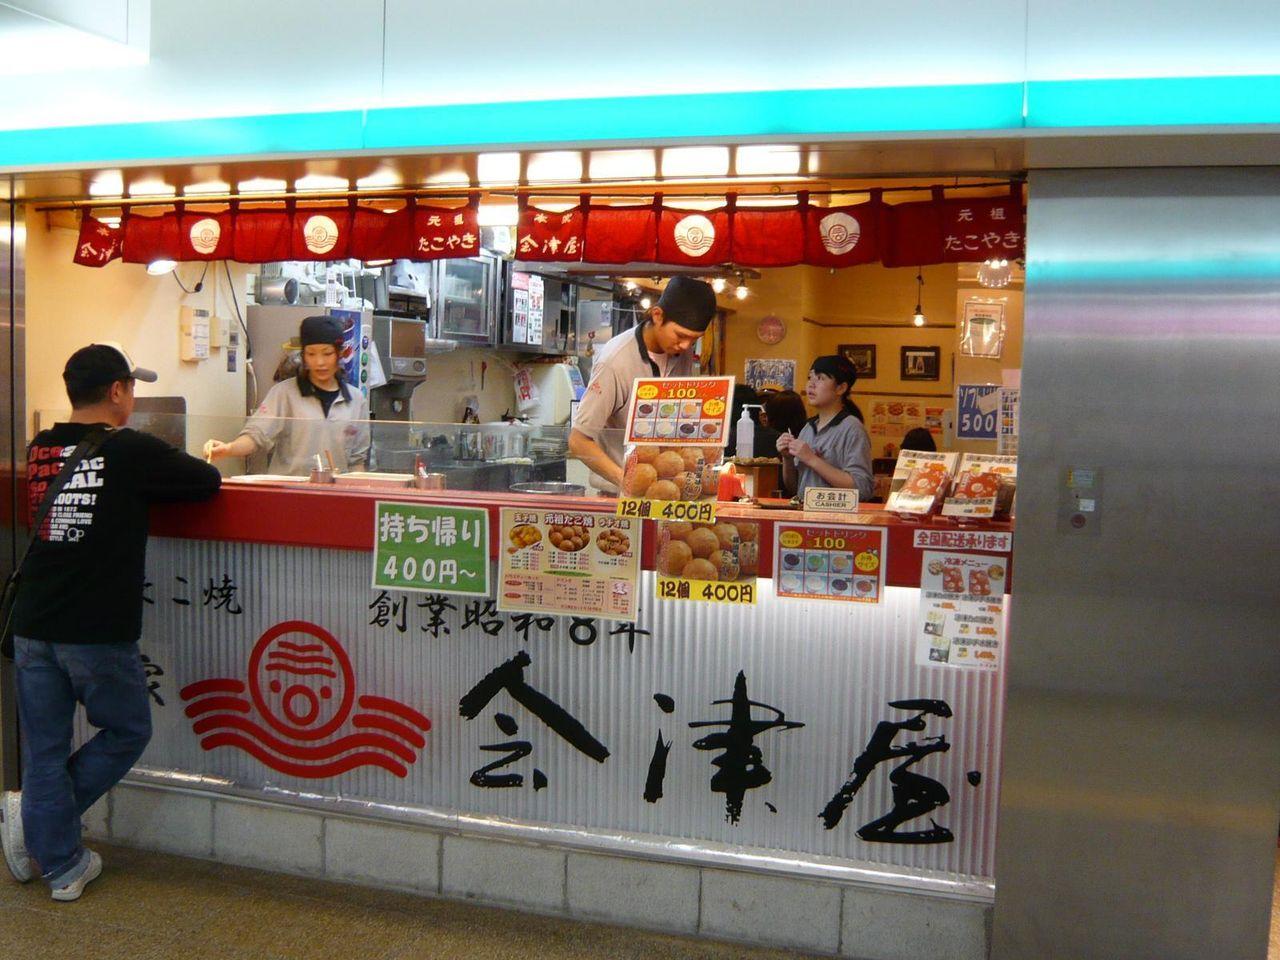 「美味しんぼ」で元祖たこ焼きを紹介された会津屋